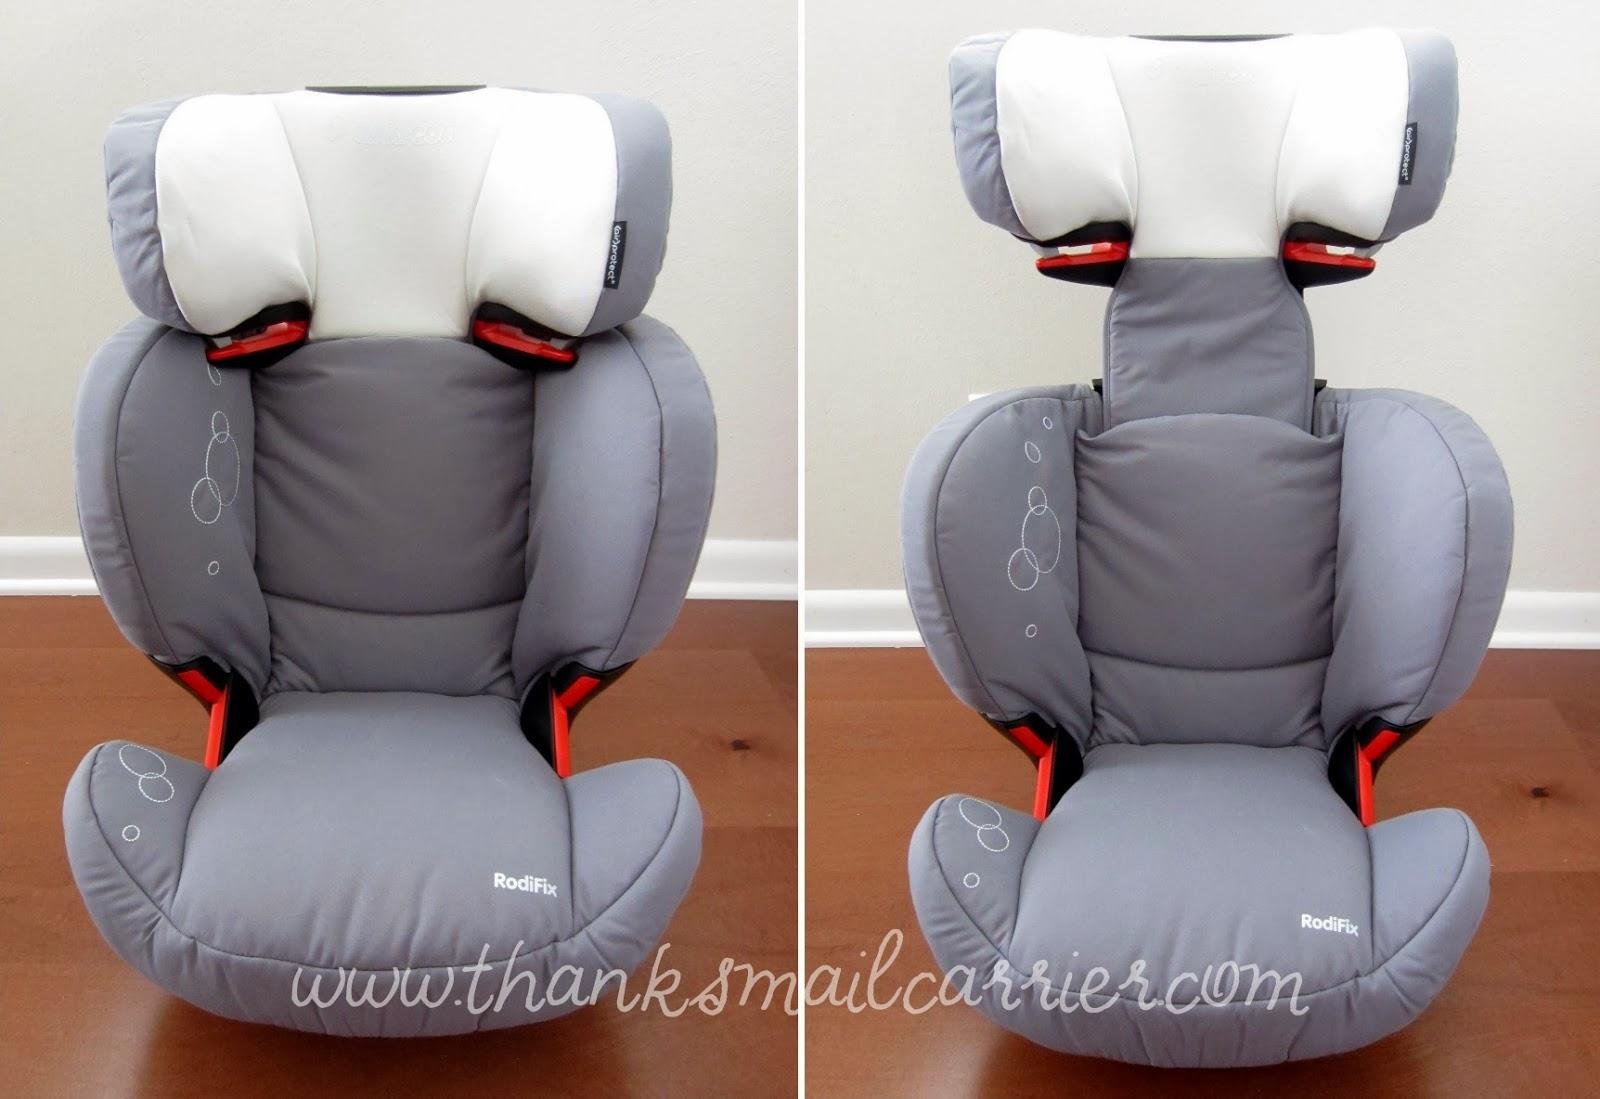 Maxi-Cosi booster seat